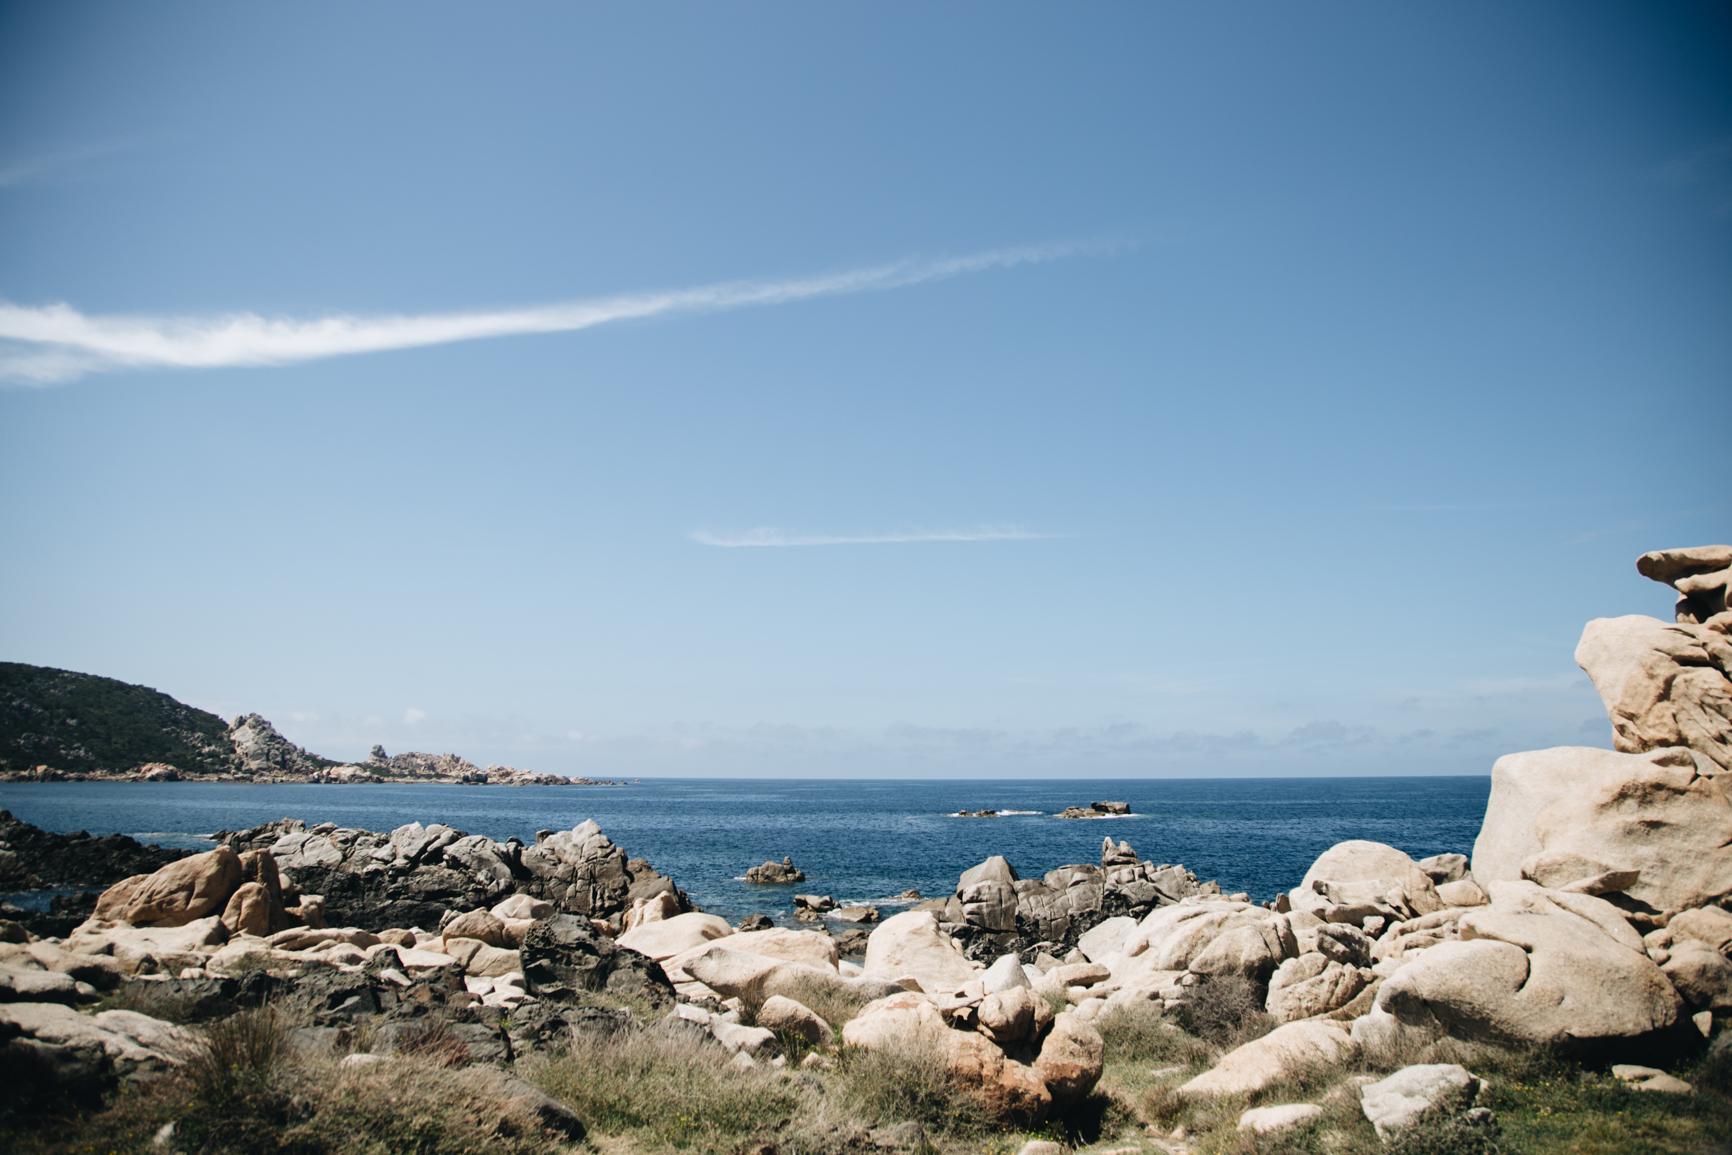 Campomoro-sentier-littoral-blog-voyage-corse-onmyway-8.jpg